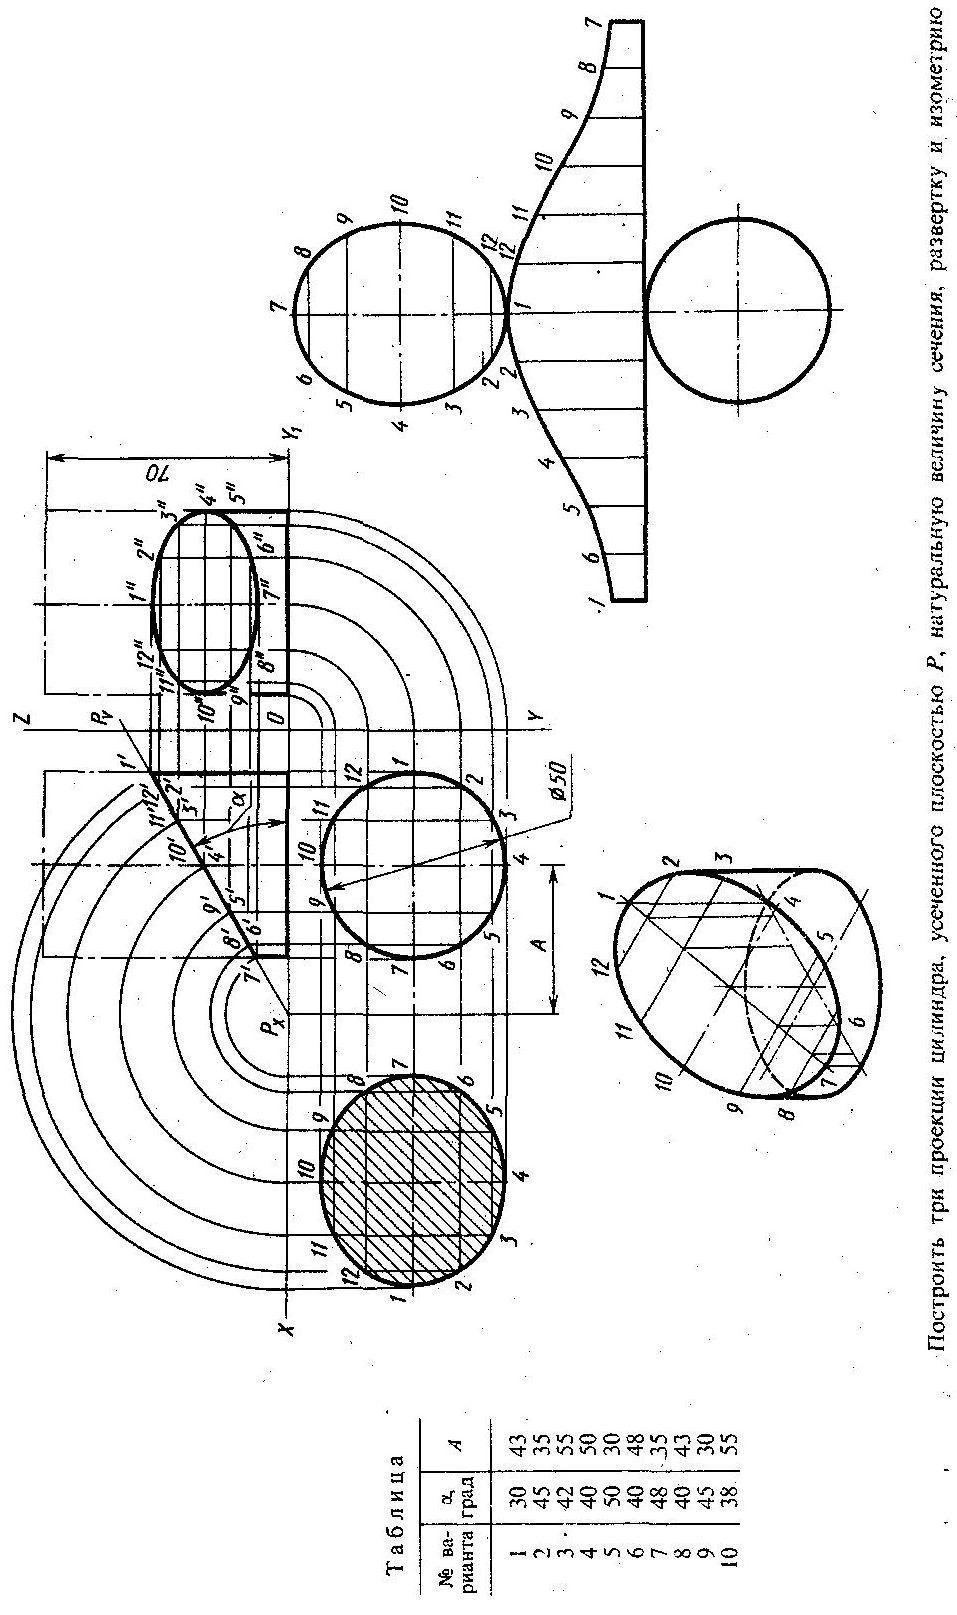 КОС по дисциплине Инженерная графика Тема 3 6 Взаимное пересечение поверхностей геометрических тел Графическая работа № 9